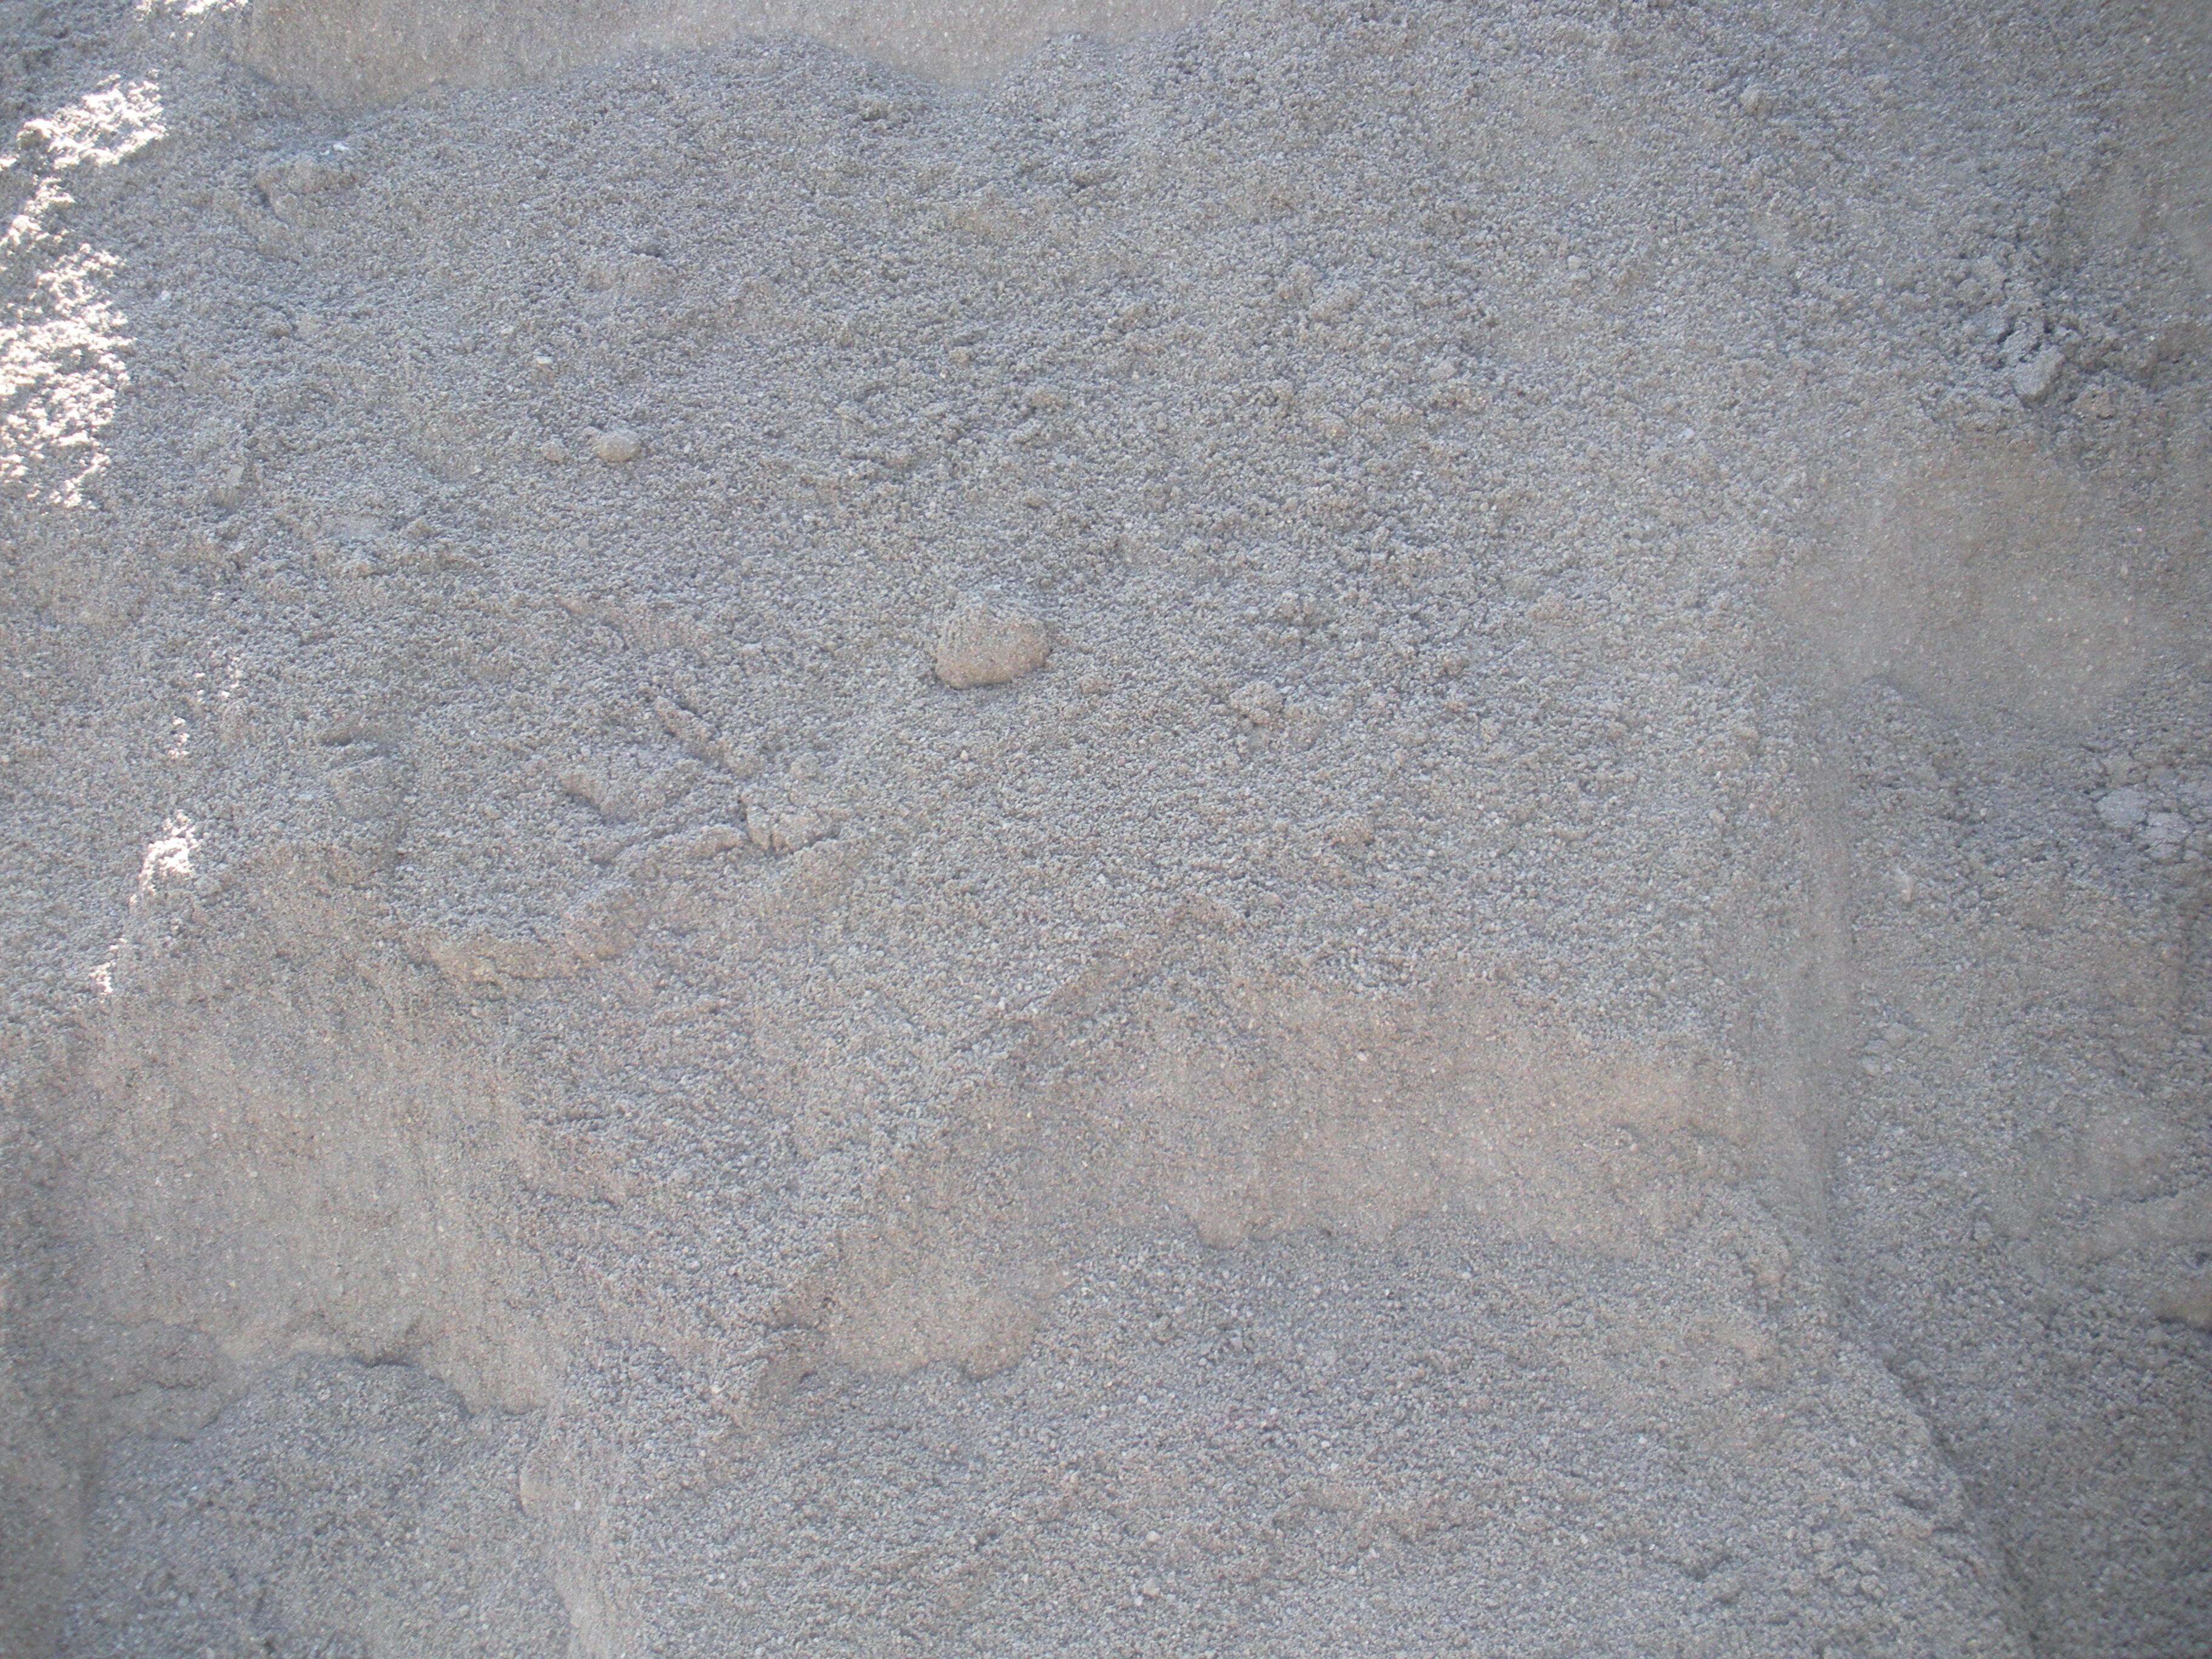 Slag Sand And Gravel : Donaldson sons